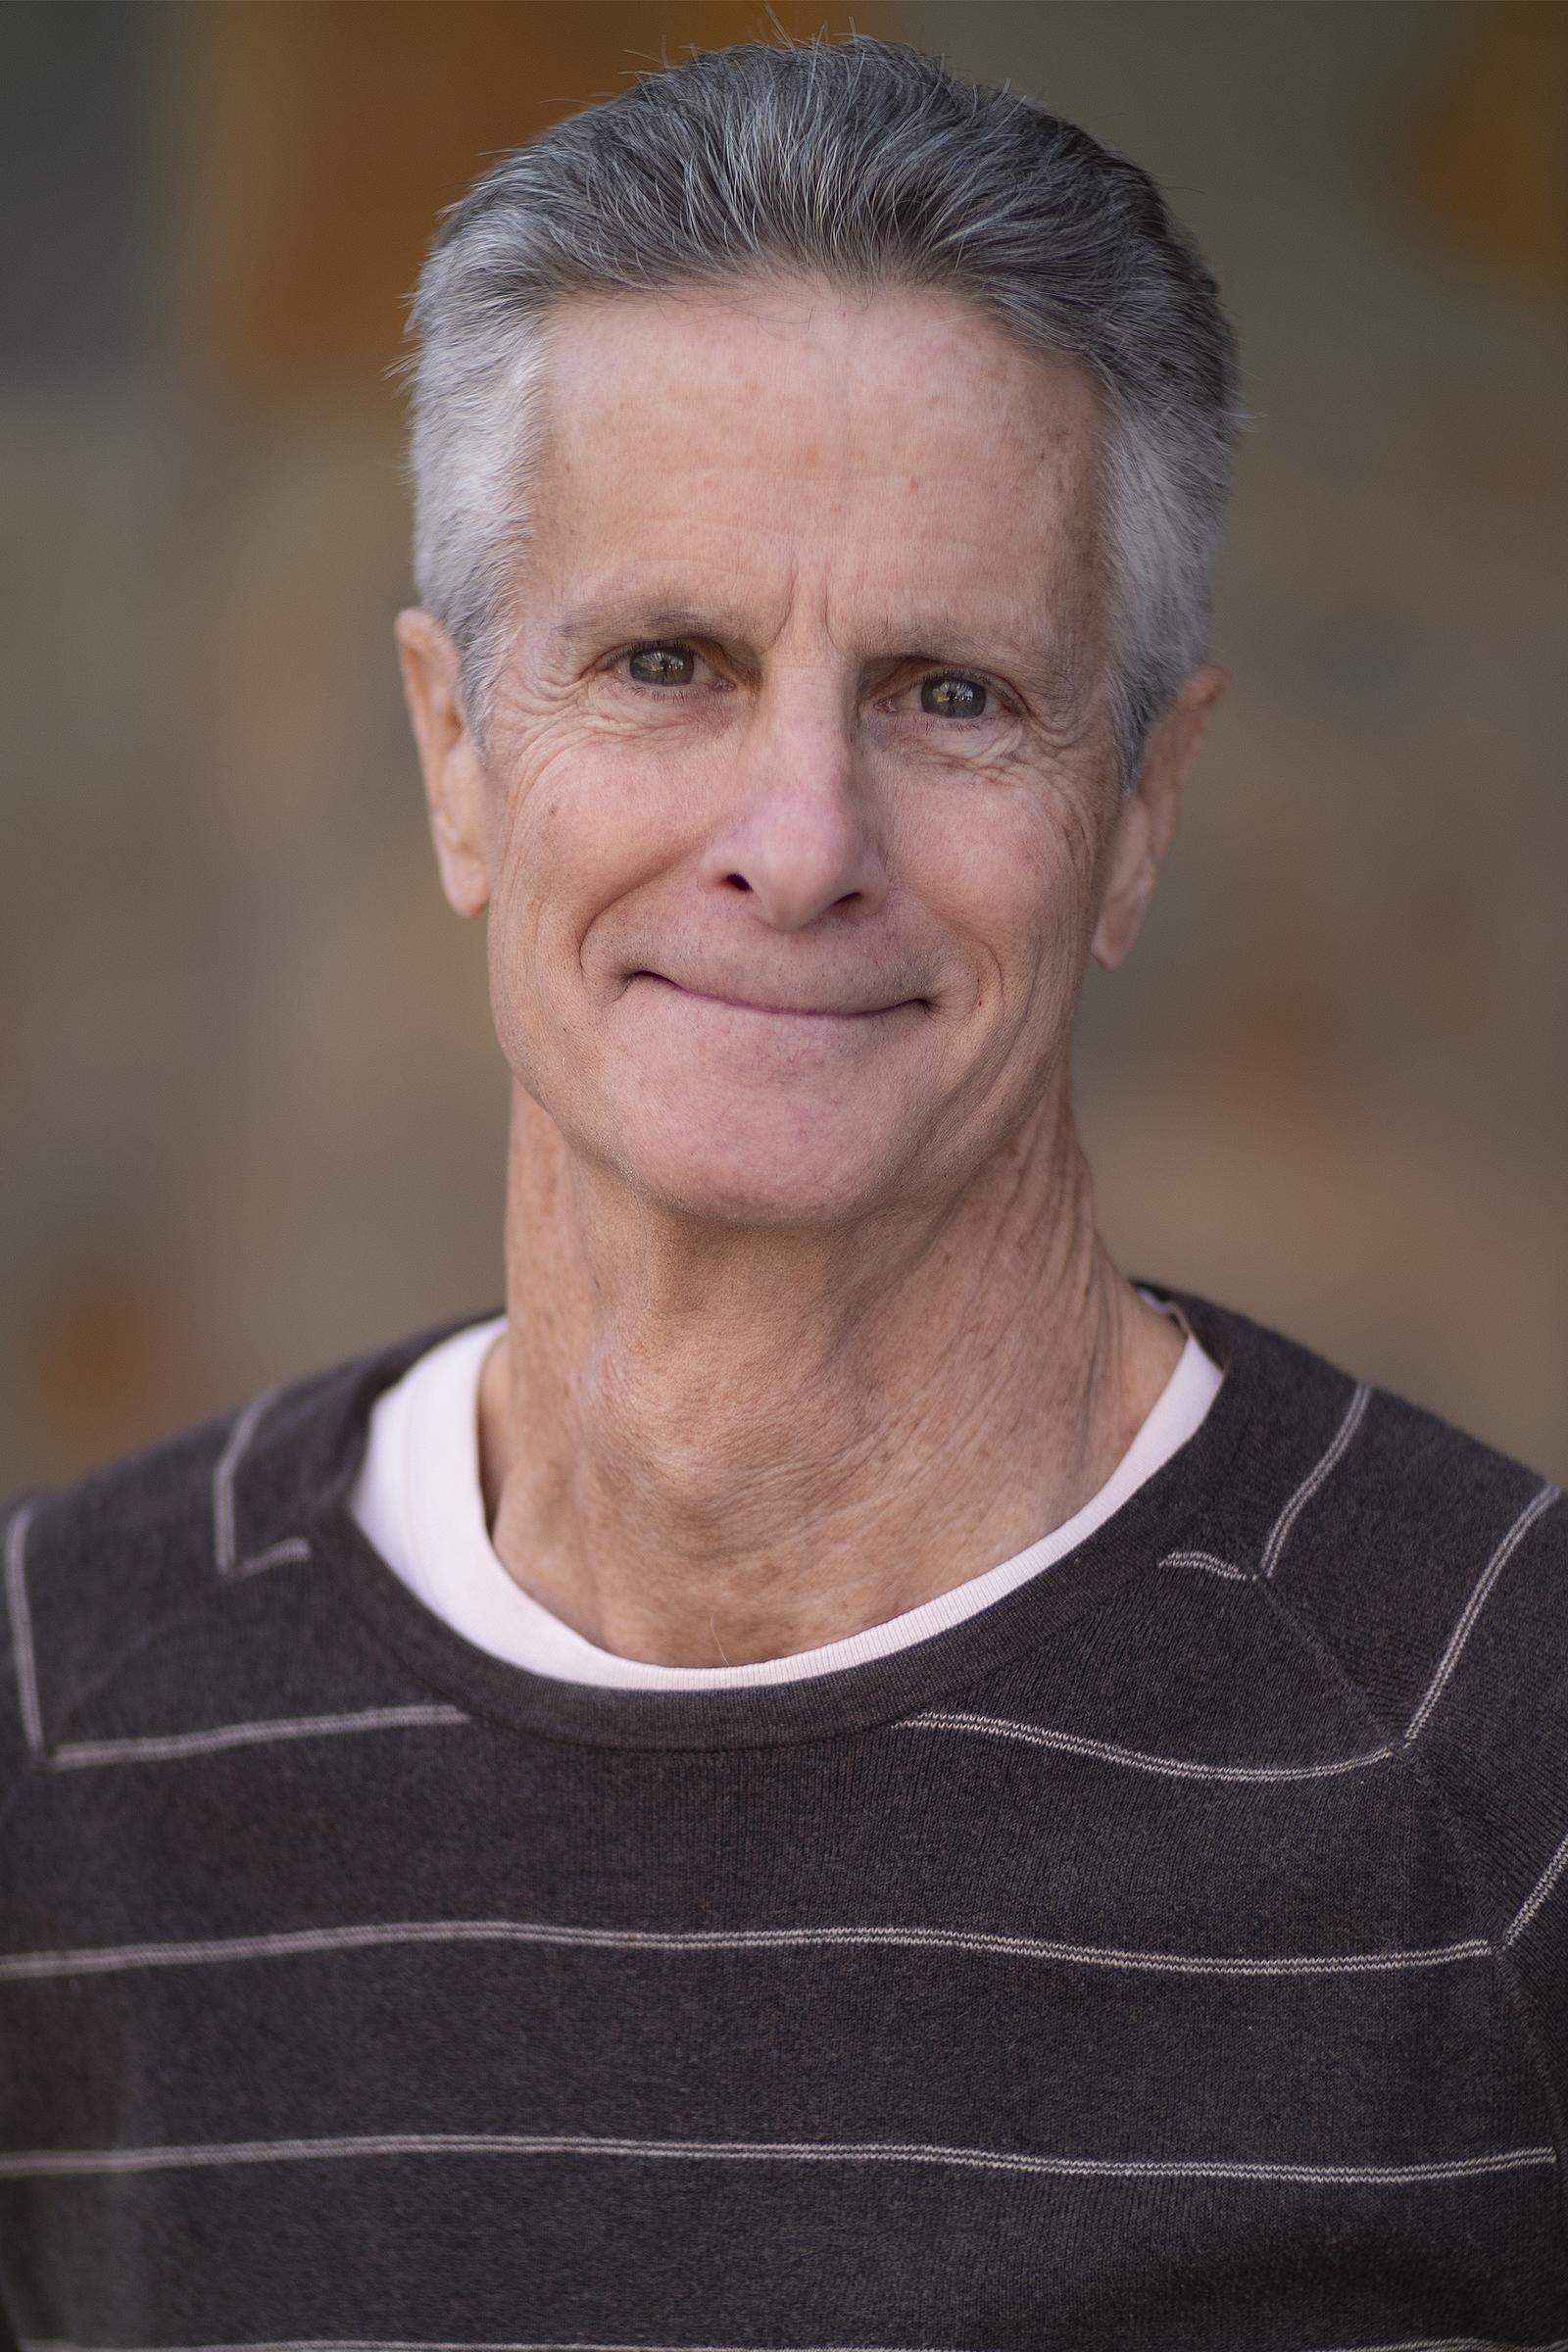 Steve Quatro